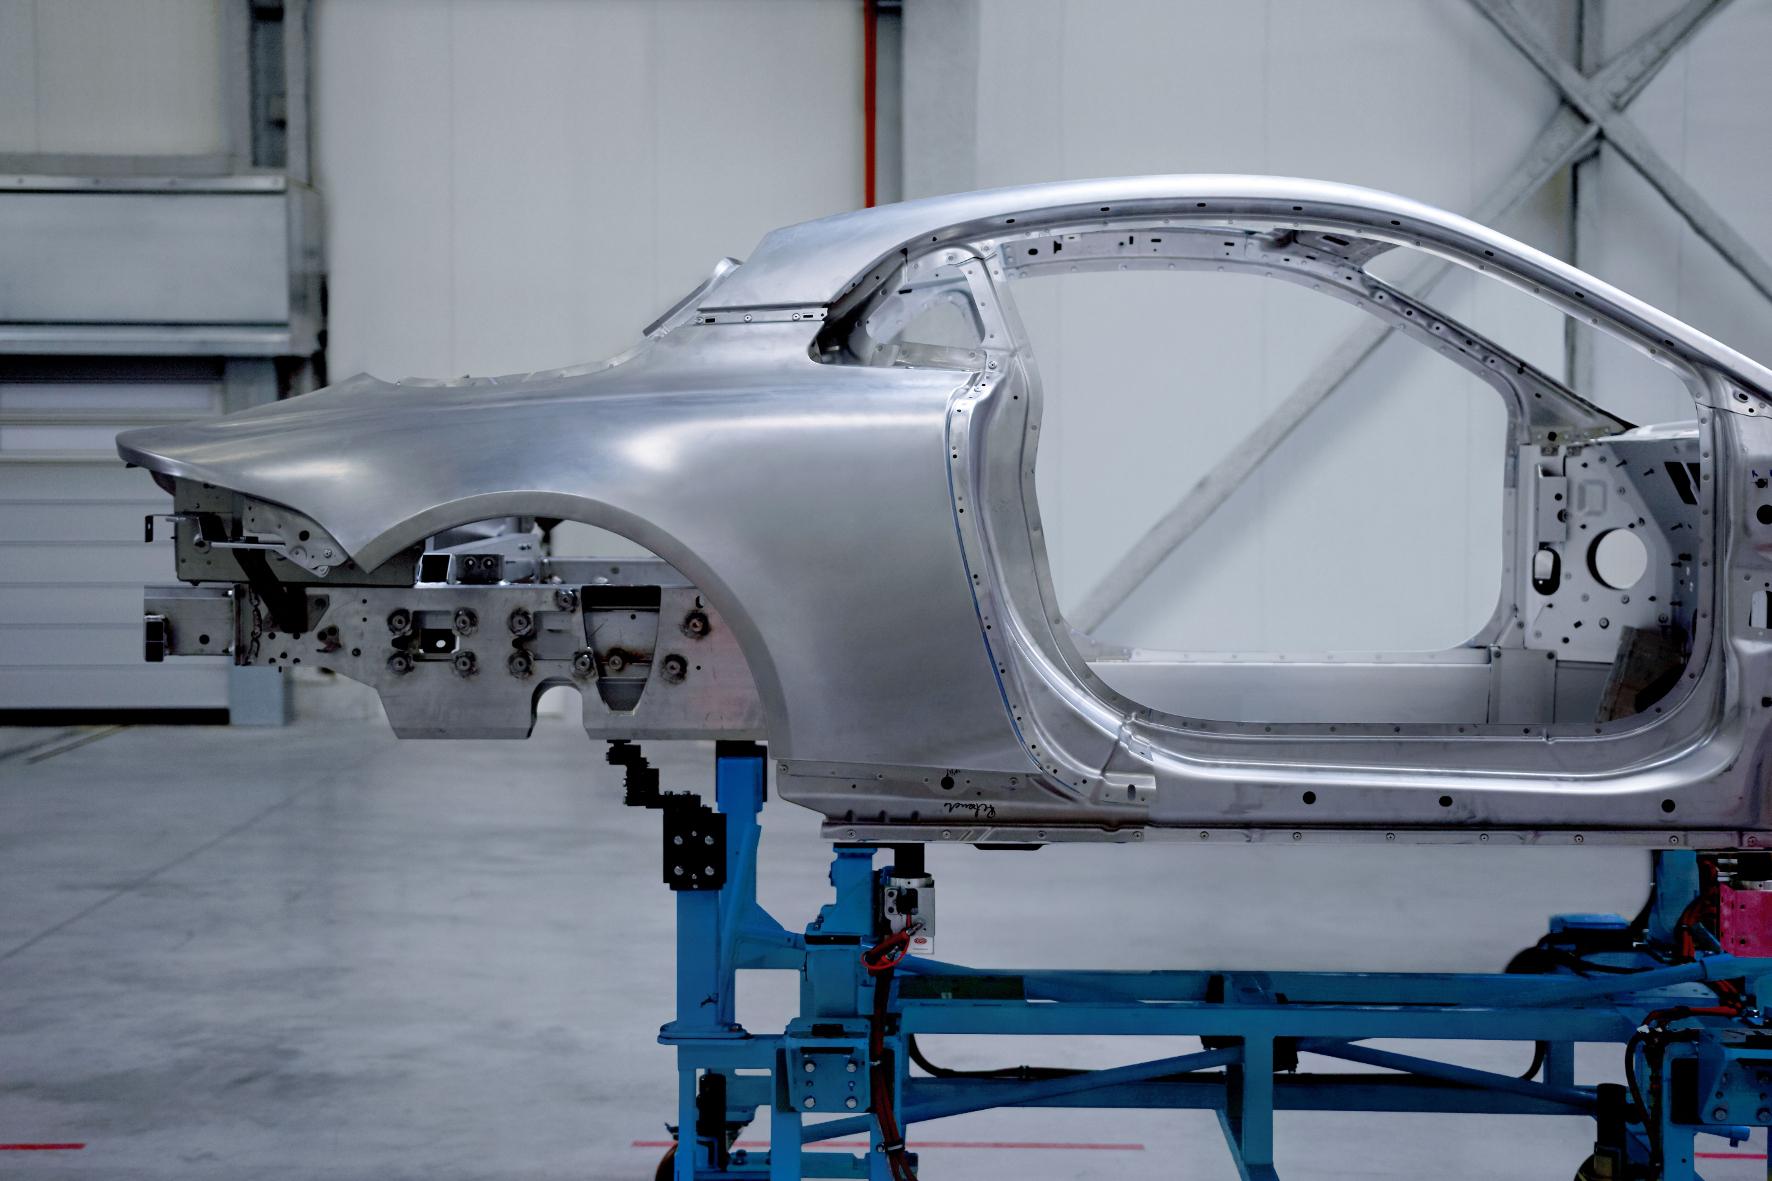 mid Groß-Gerau - Um Gewicht zu sparen, baut Alpine sowohl Chassis als auch Karosserie seines neuen Serien-Sportwagens komplett aus Aluminium.